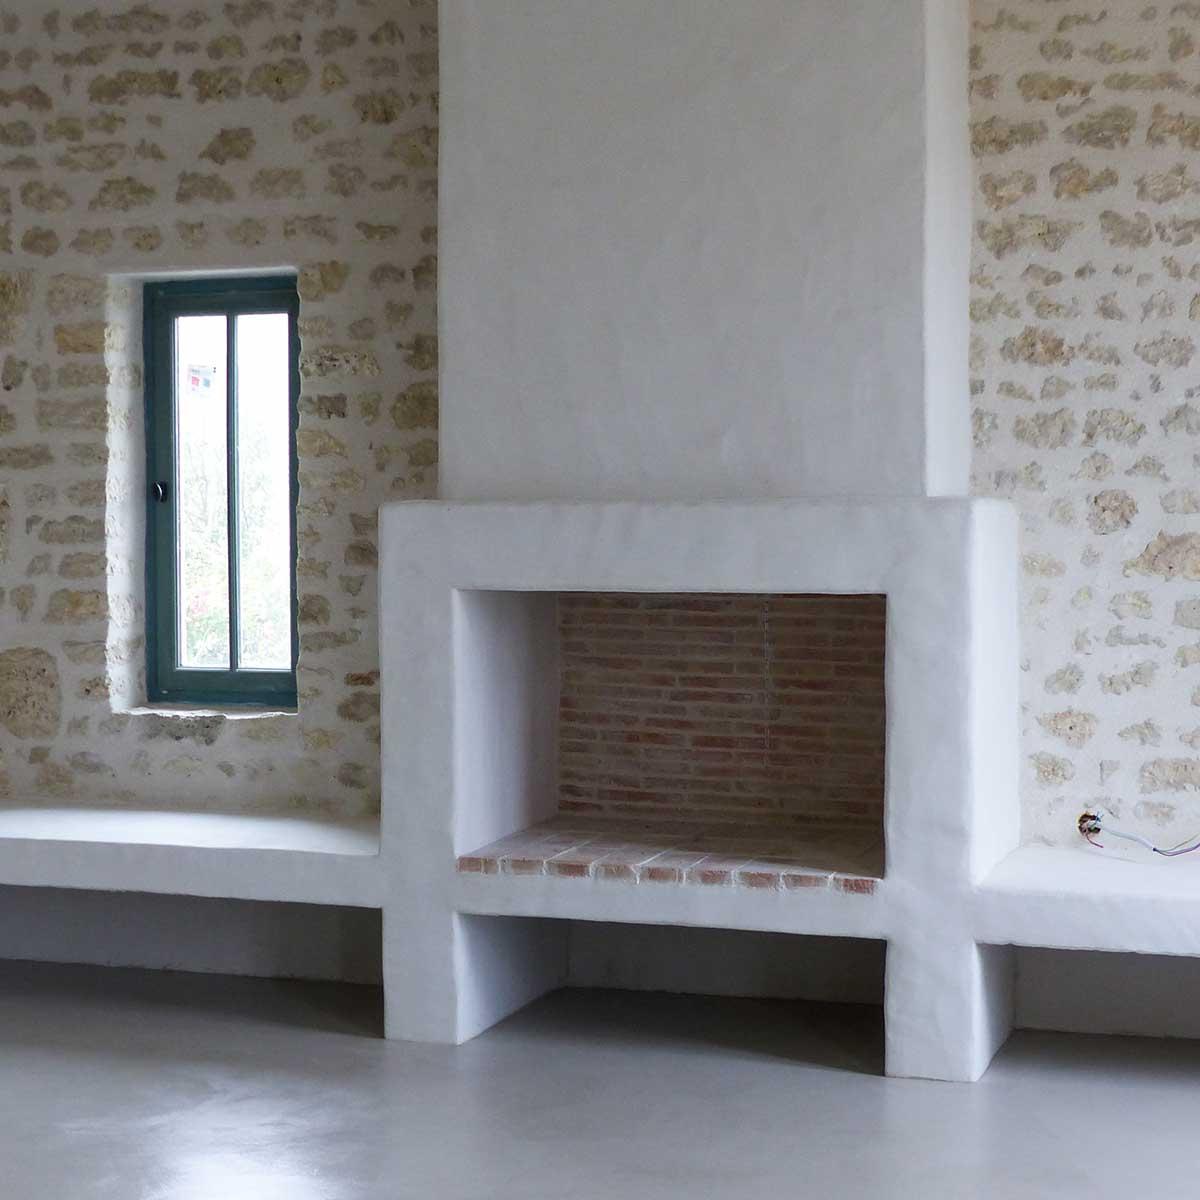 maçonnerie inrérieur et cheminée béton - réalisation François CELLIER, rénovation du bâti en Charente Maritime